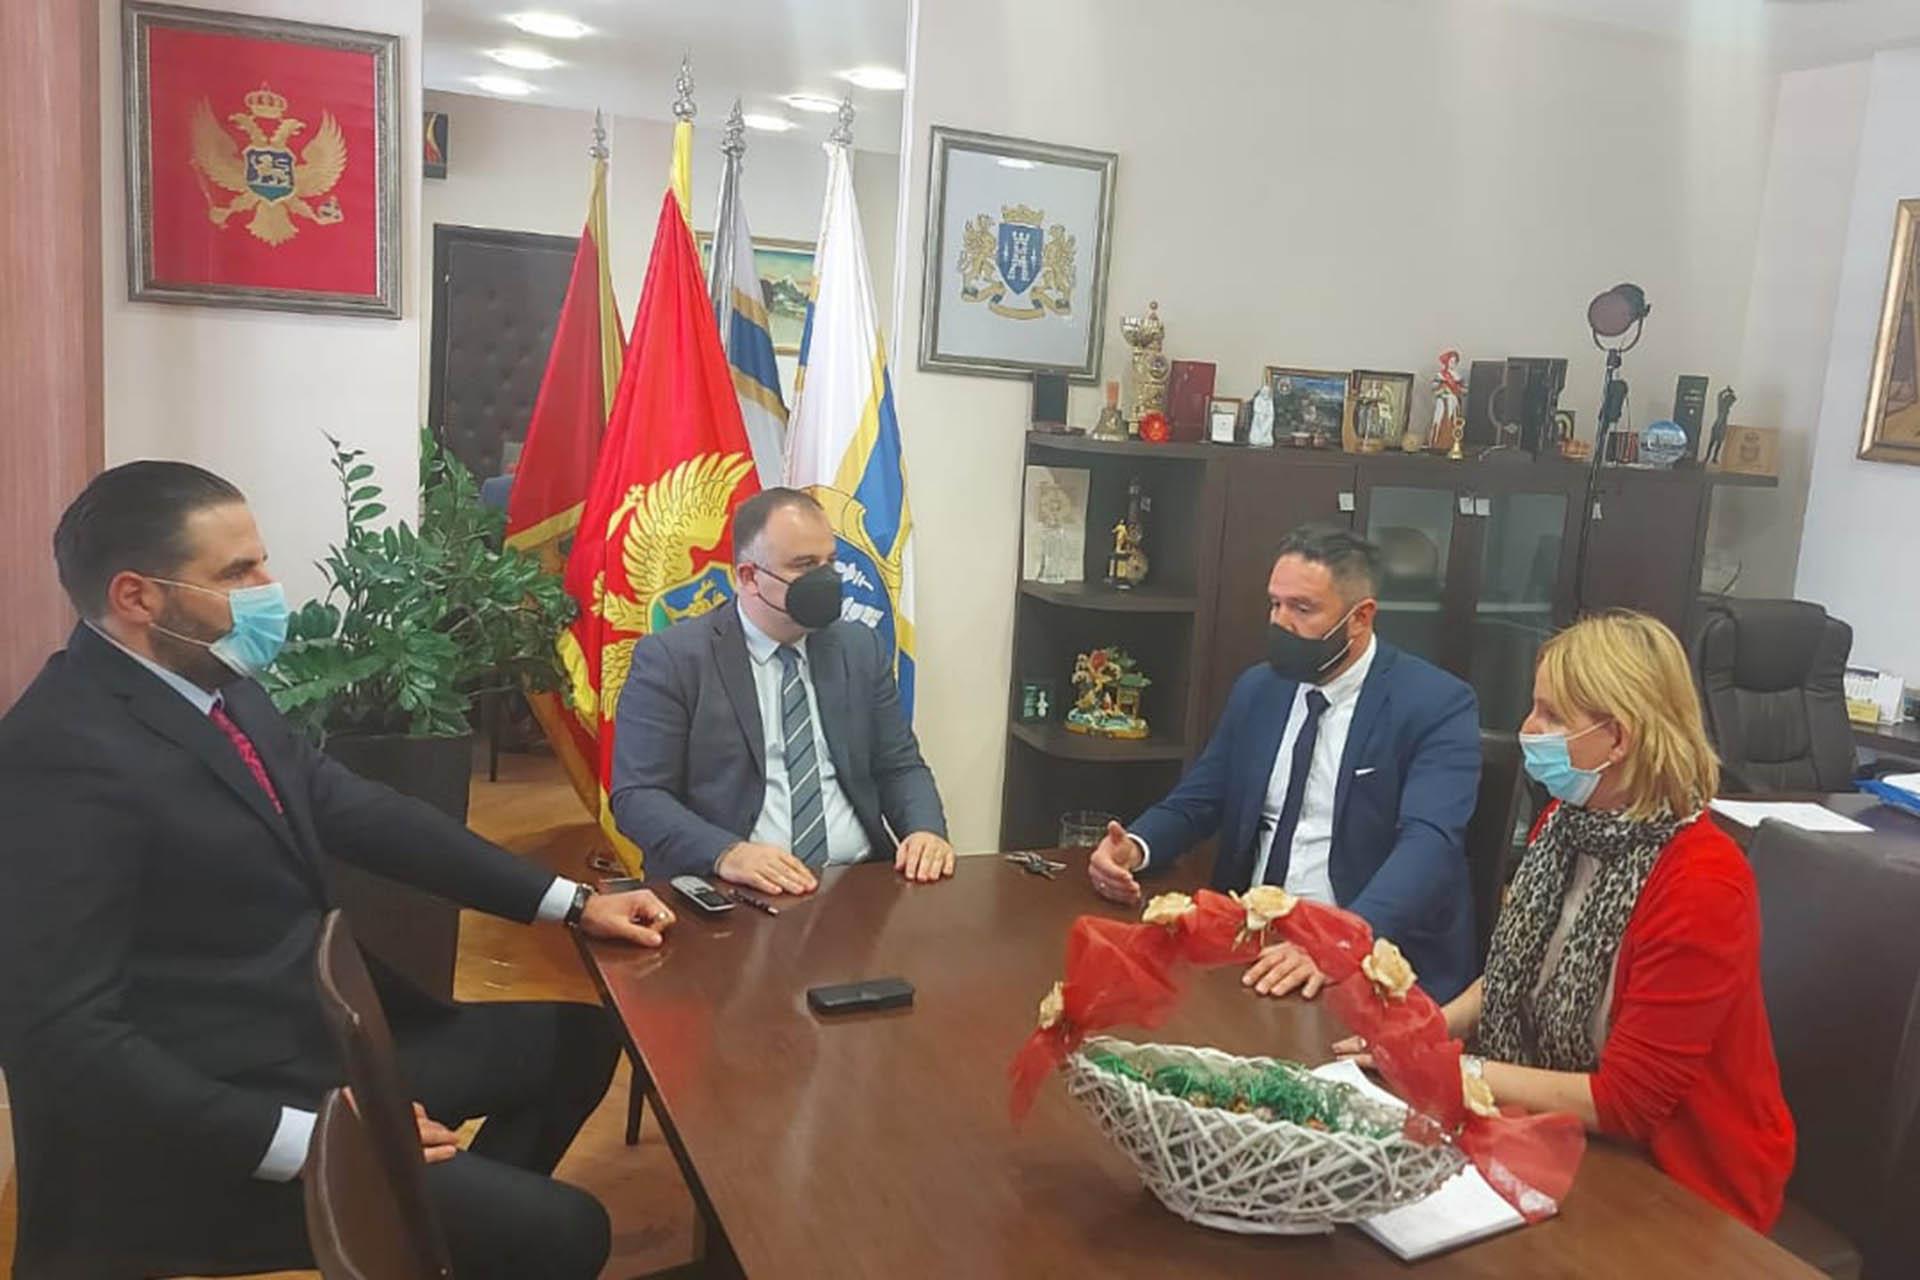 Izvrsni direktor i Predsjednik Odbora u posjeti RCP Herceg Novi